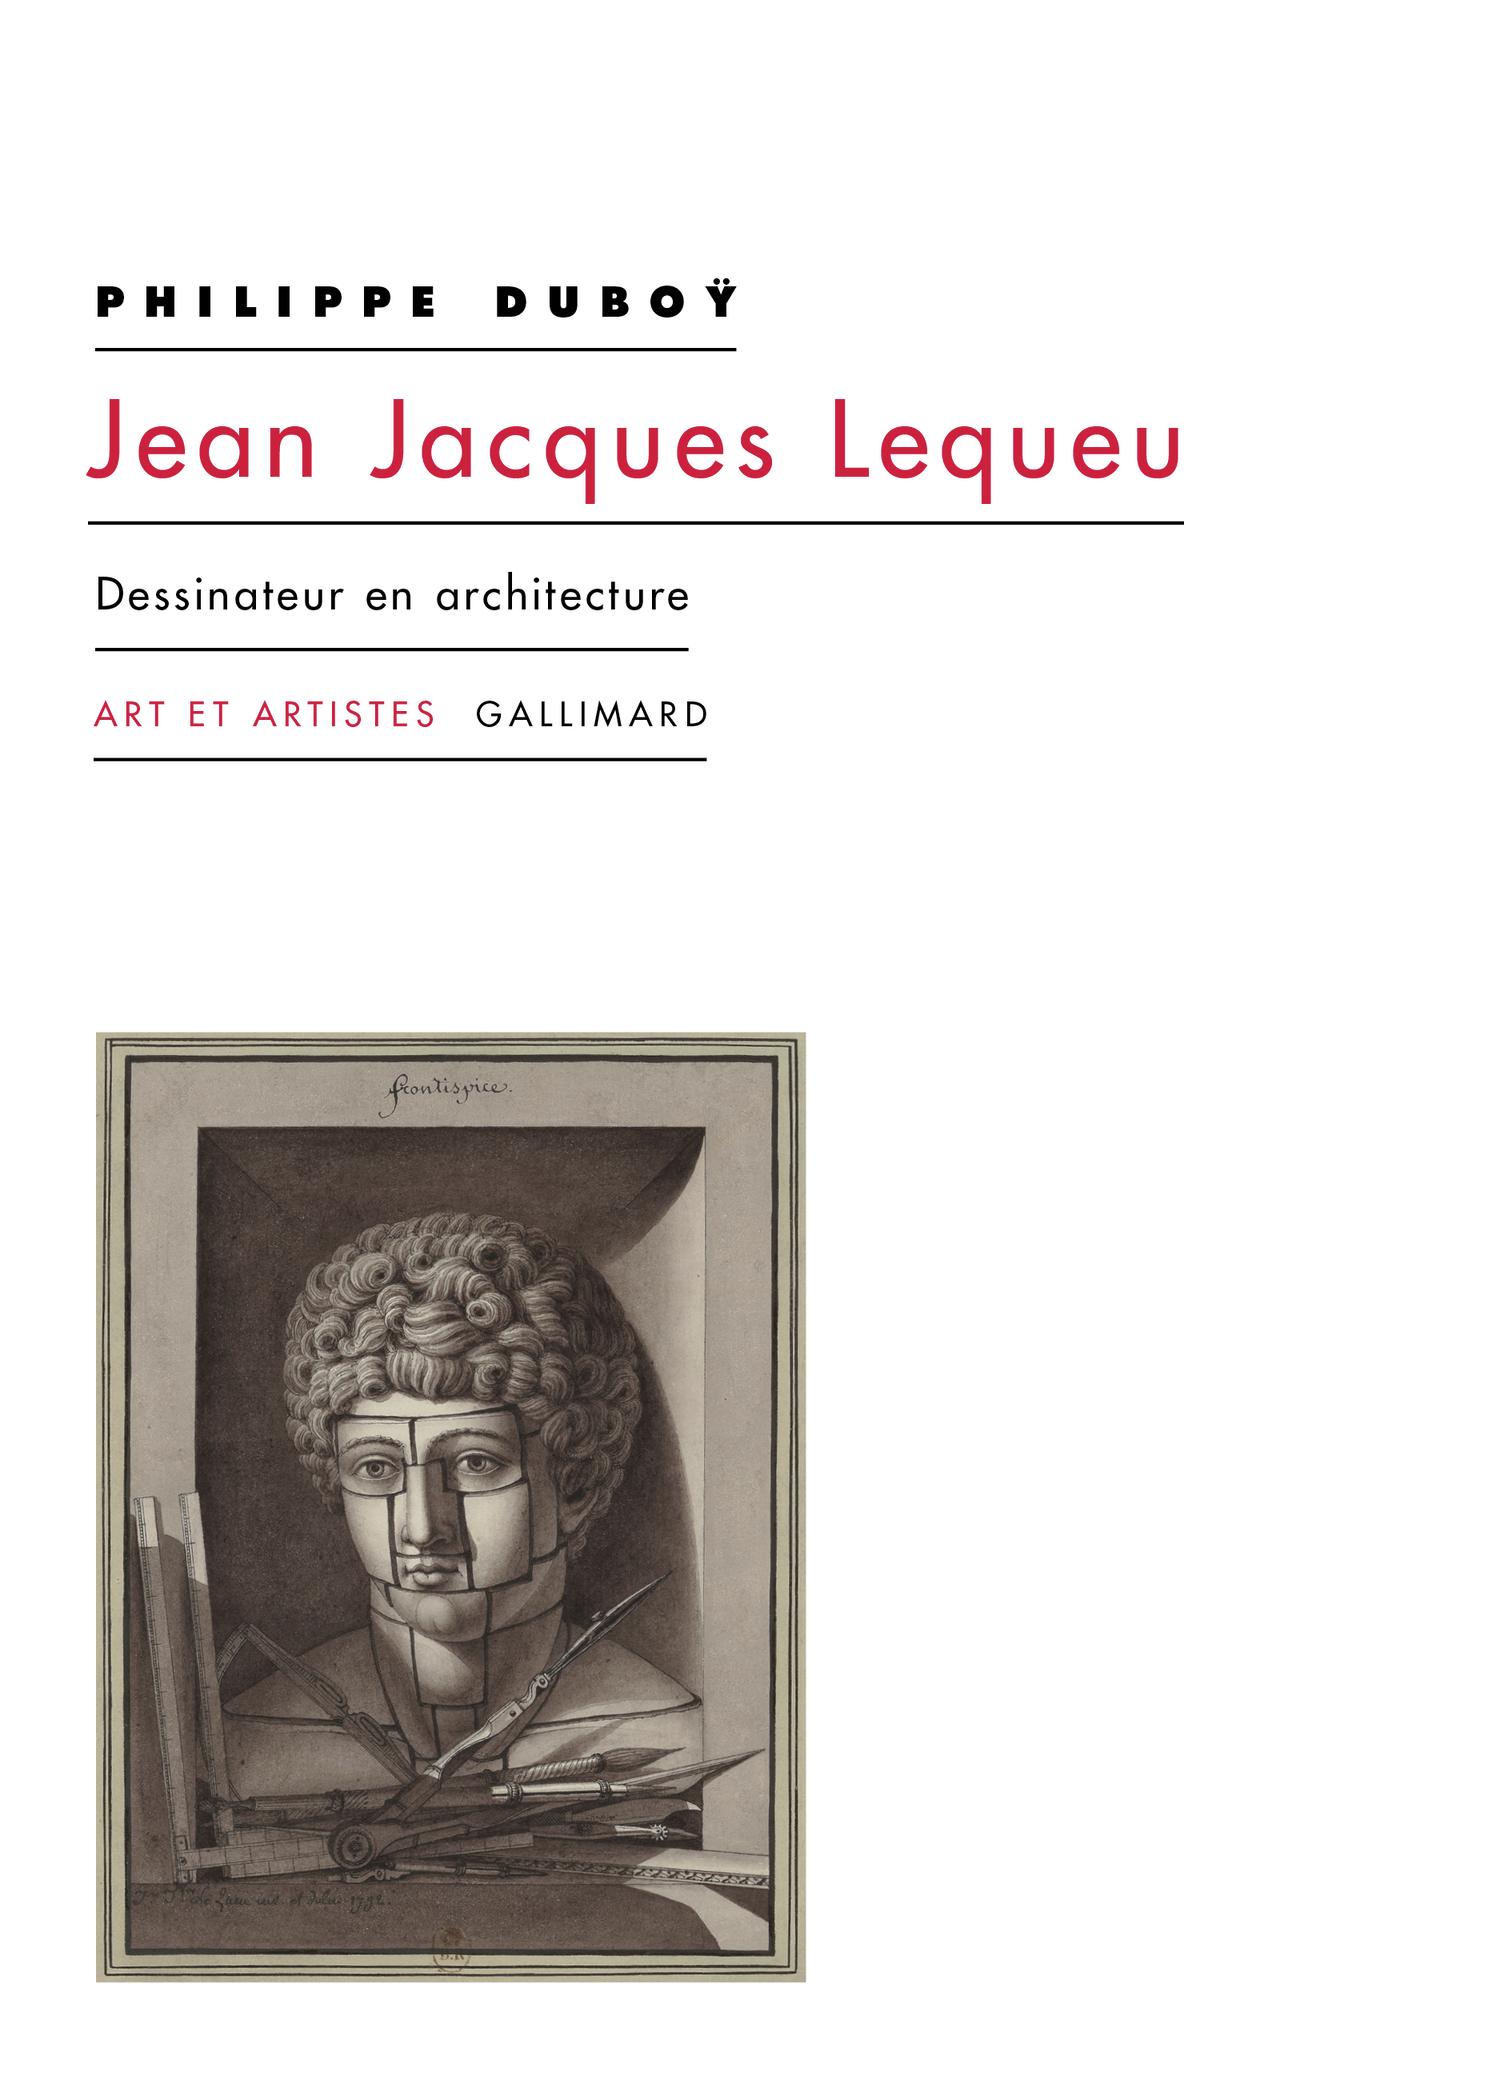 JEAN JACQUES LEQUEU - DESSINATEUR EN ARCHITECTURE